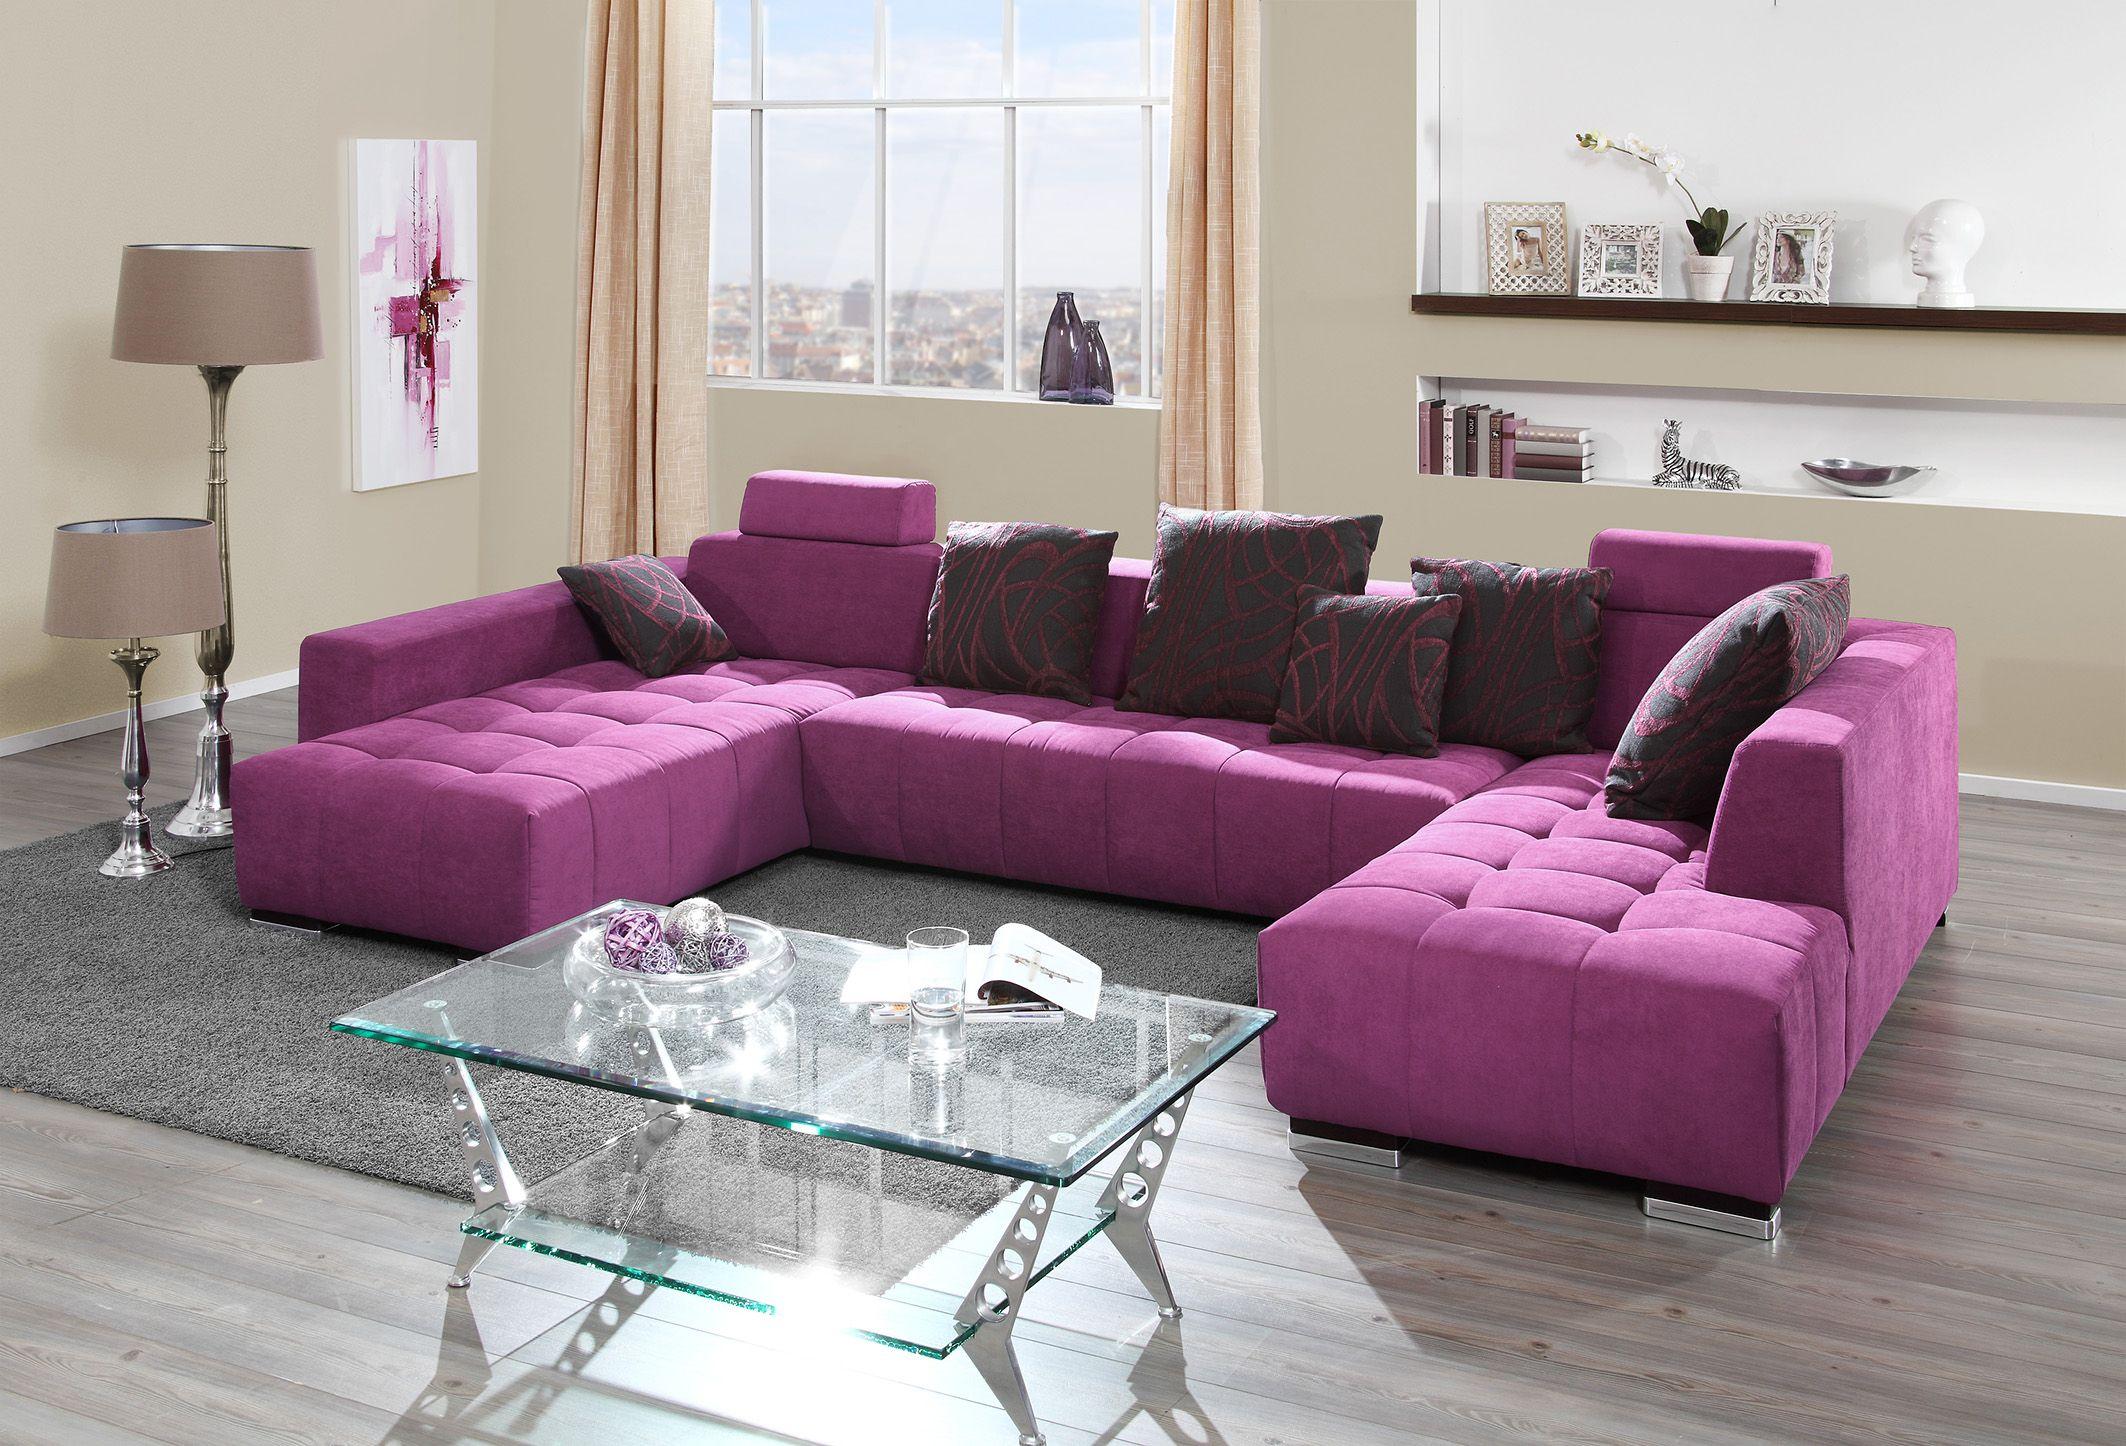 Full Size of Xora Sofa Sedena Garnitura Sectional Couch Kissen Patchwork Marken Große Boxspring Günstig Kaufen Mit Boxen überwurf Chesterfield Leder Xxxl 2 Sitzer Sofa Xora Sofa